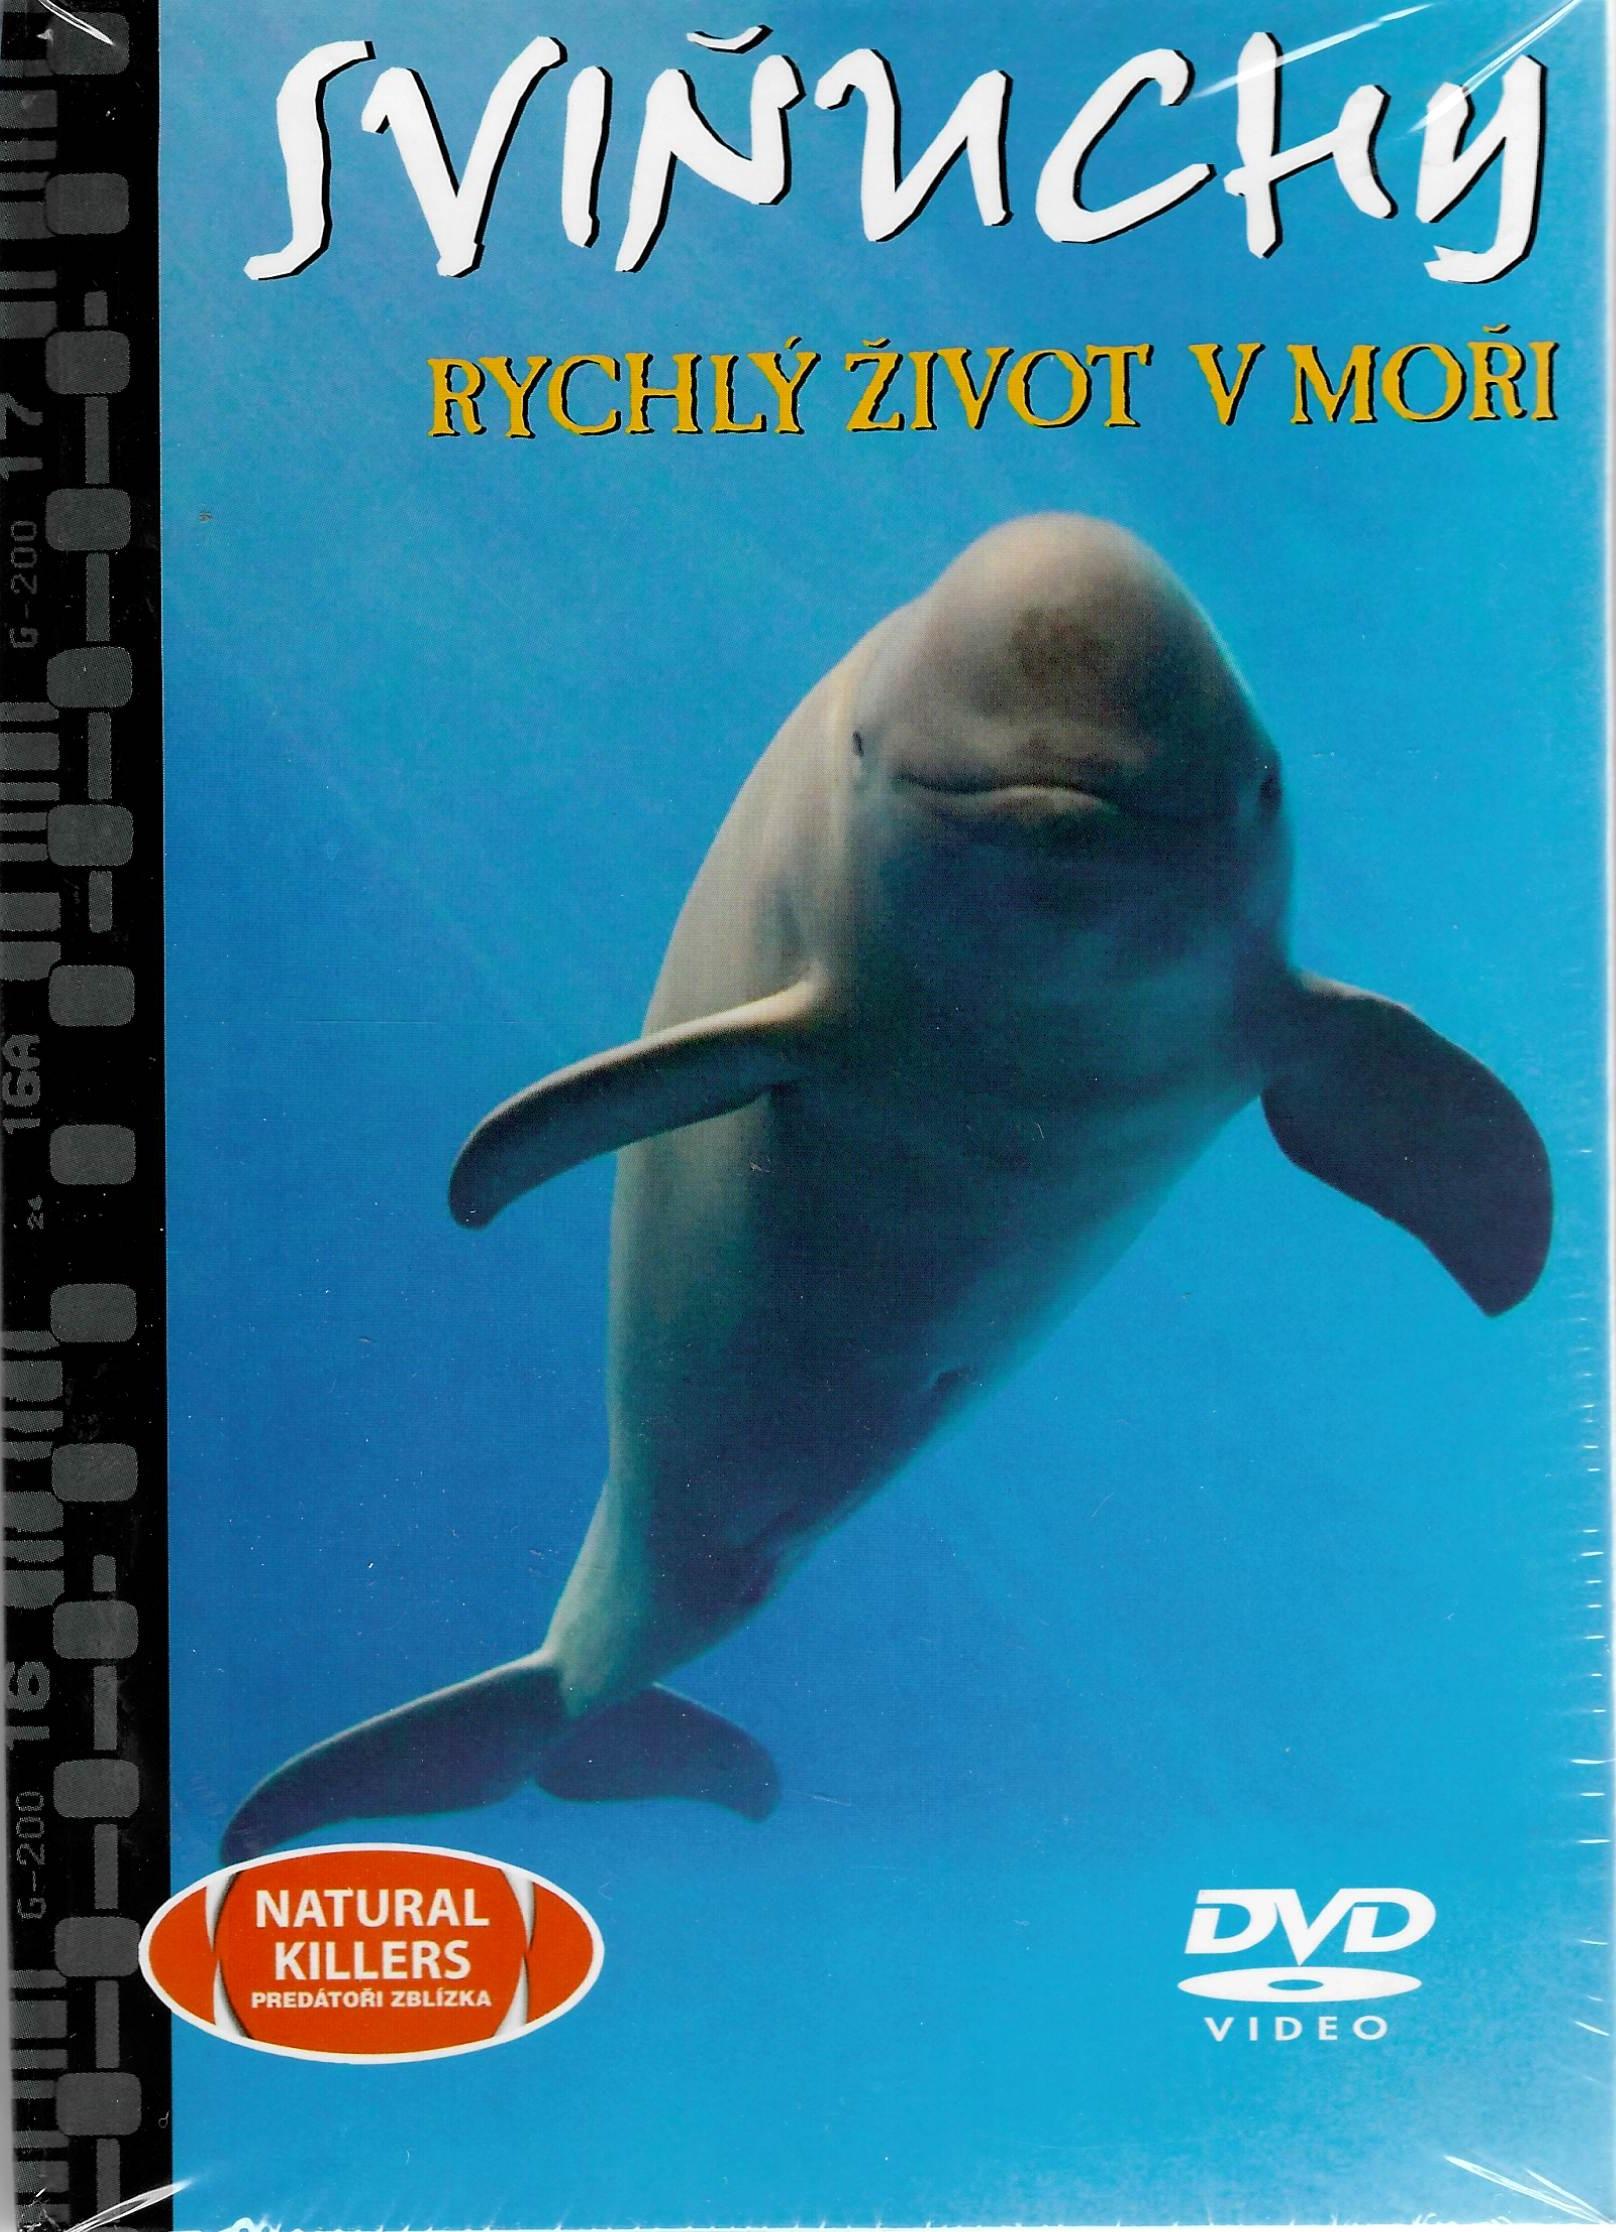 Sviňuchy - Rychlý život v moři - DVD + brožura